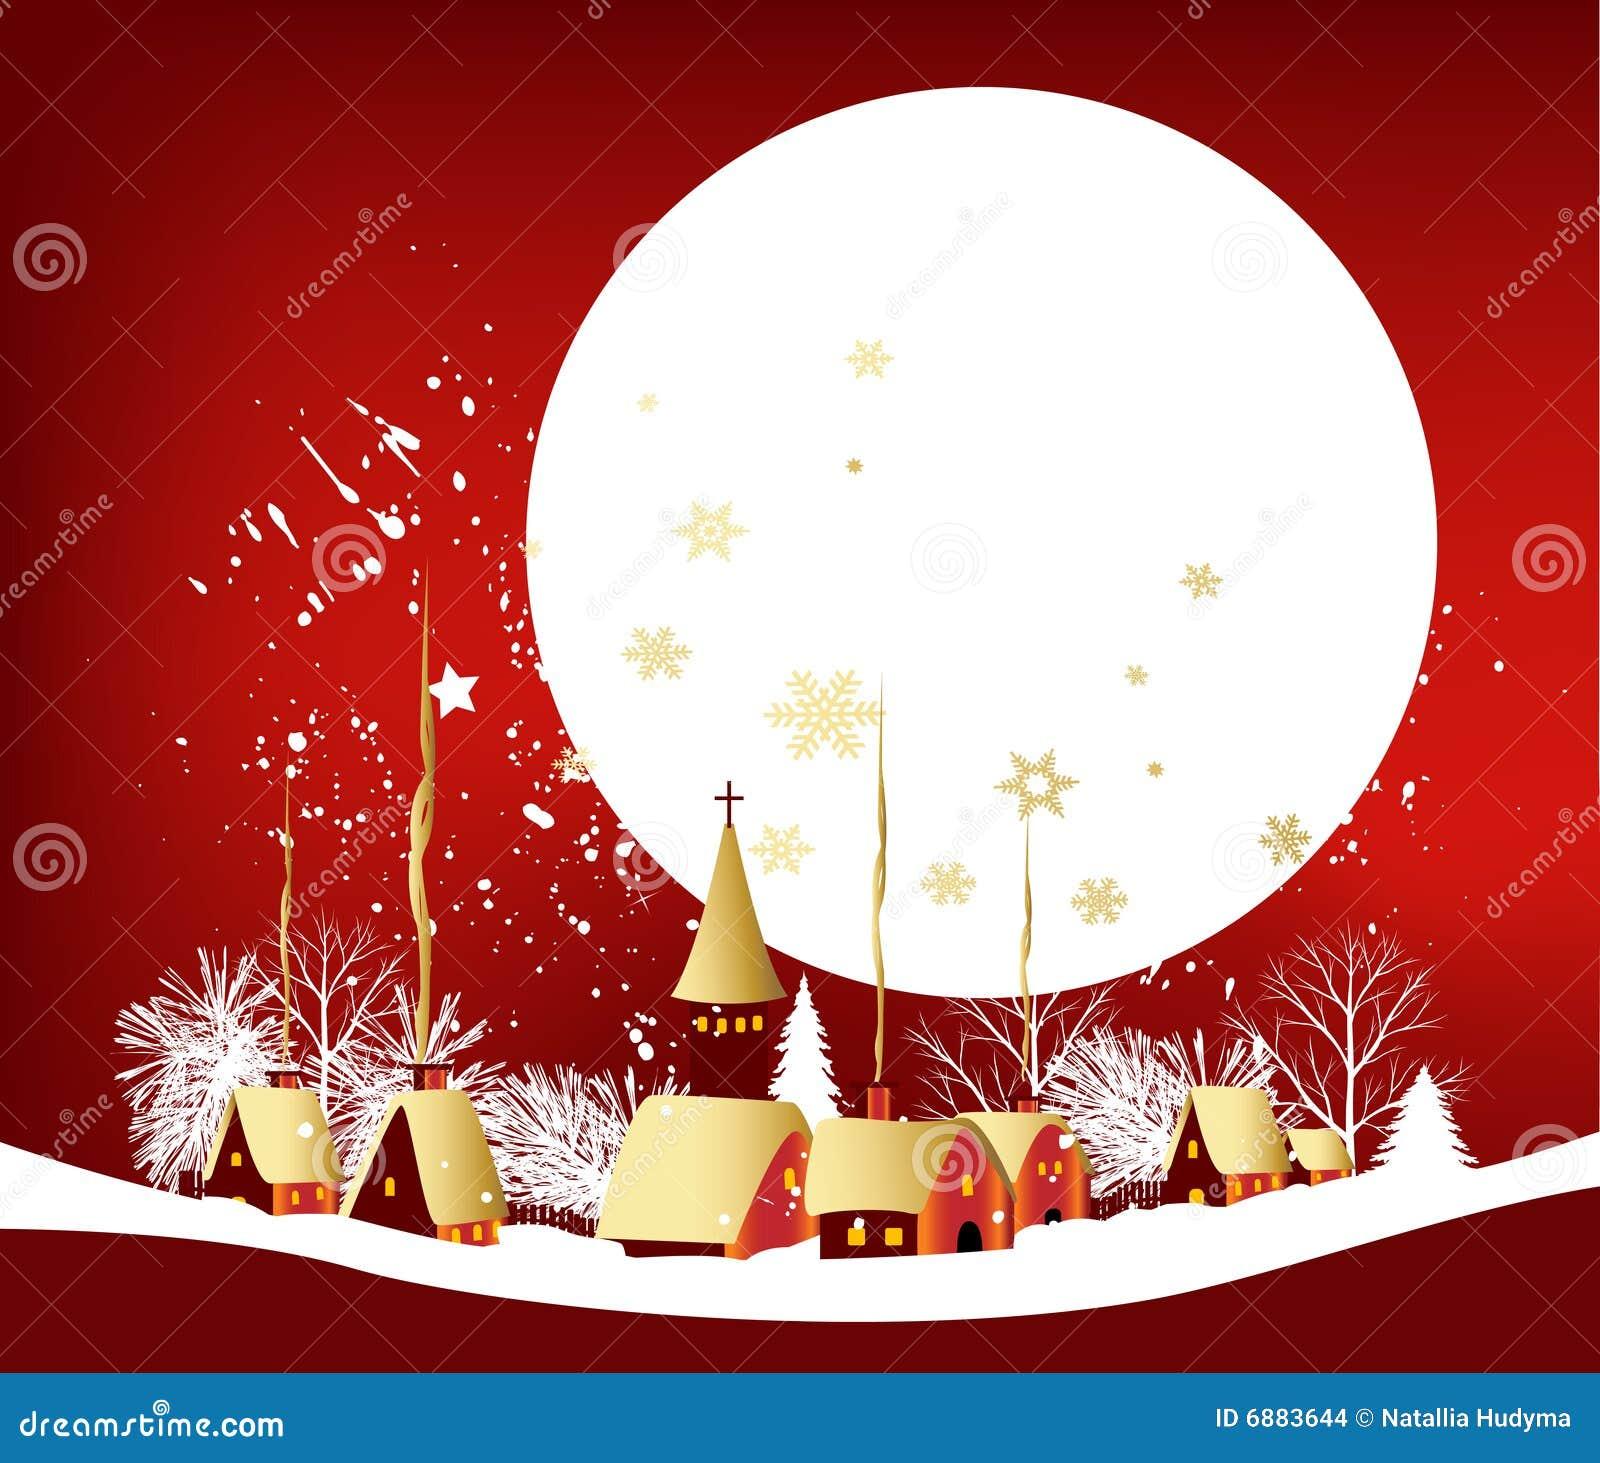 Cartão De Natal Ilustração Do Vetor Ilustração De Skyline 6883644